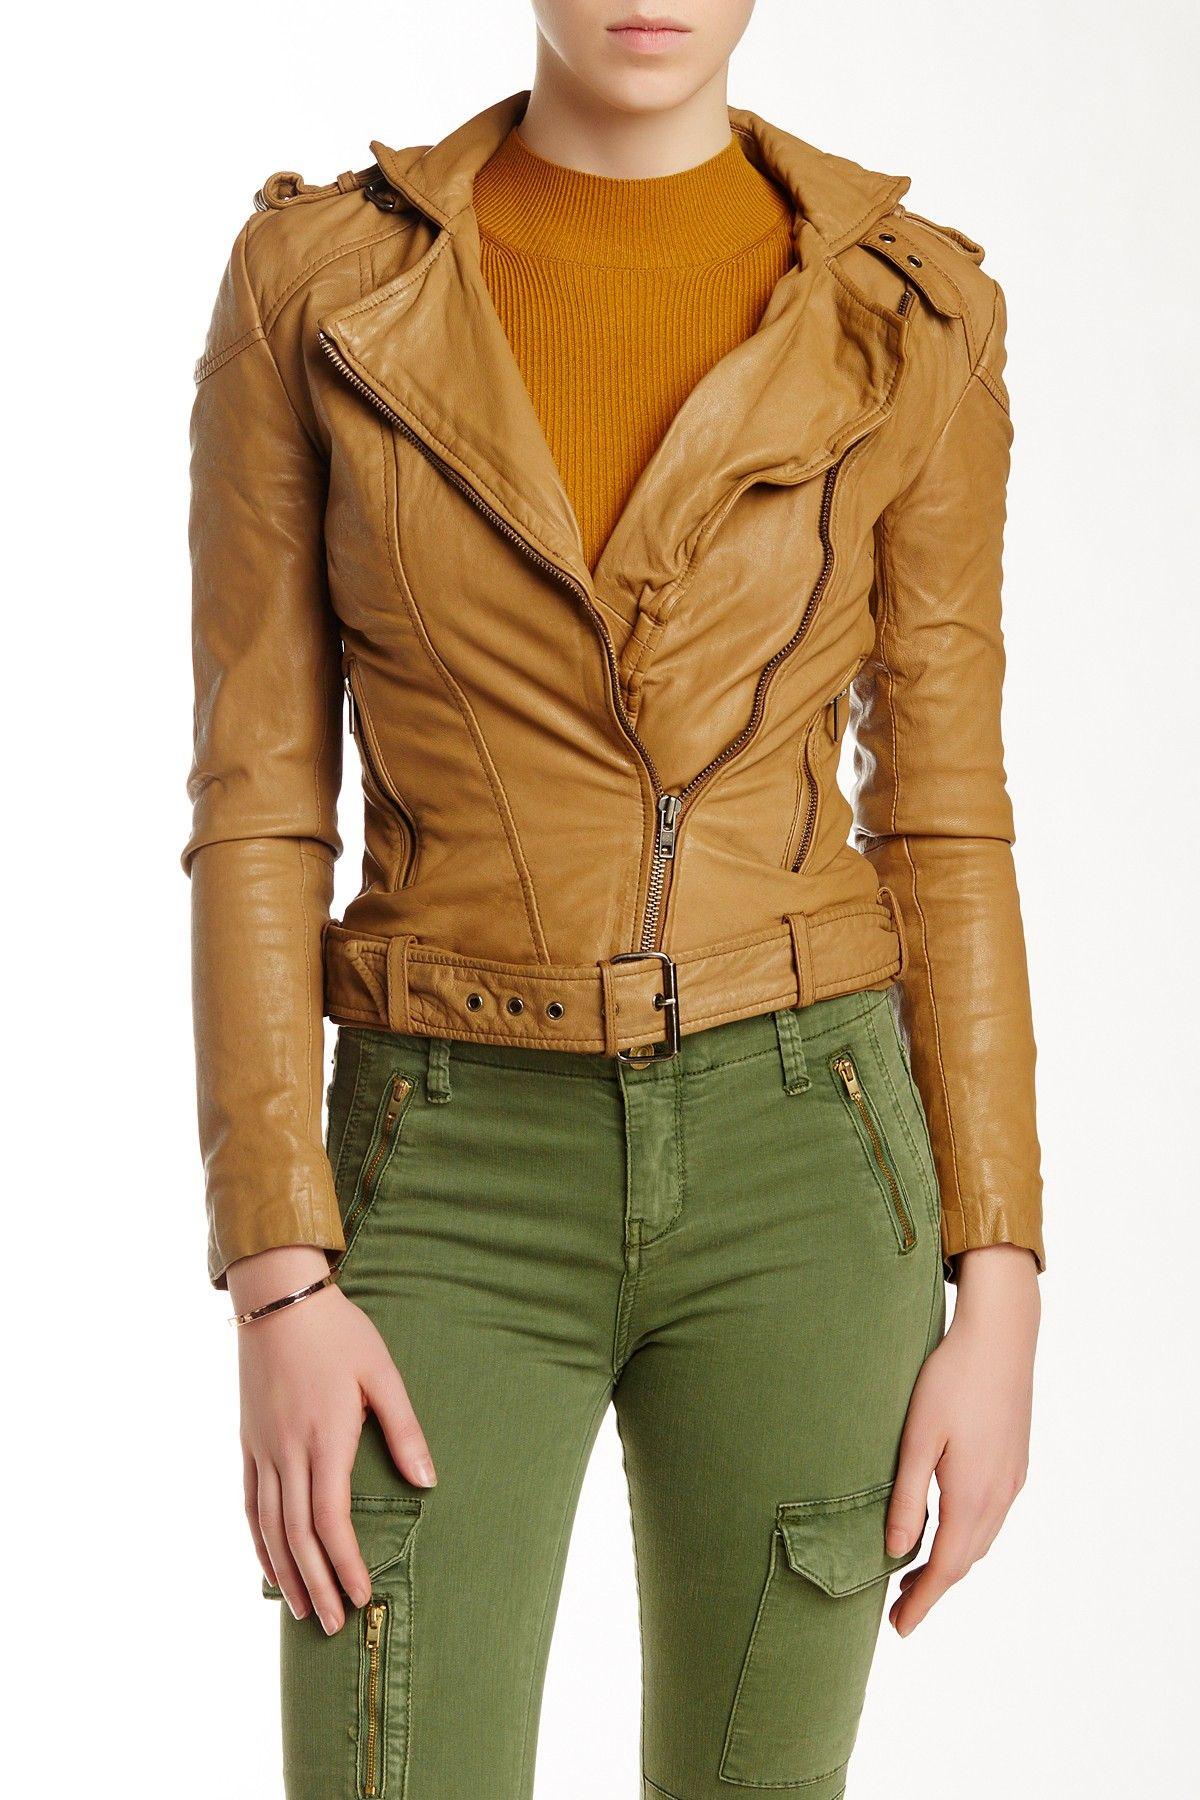 Leather jacket nordstrom rack - Muubaa Asha Leather Bomber Jacket At Nordstrom Rack Free Shipping On Orders Over 100